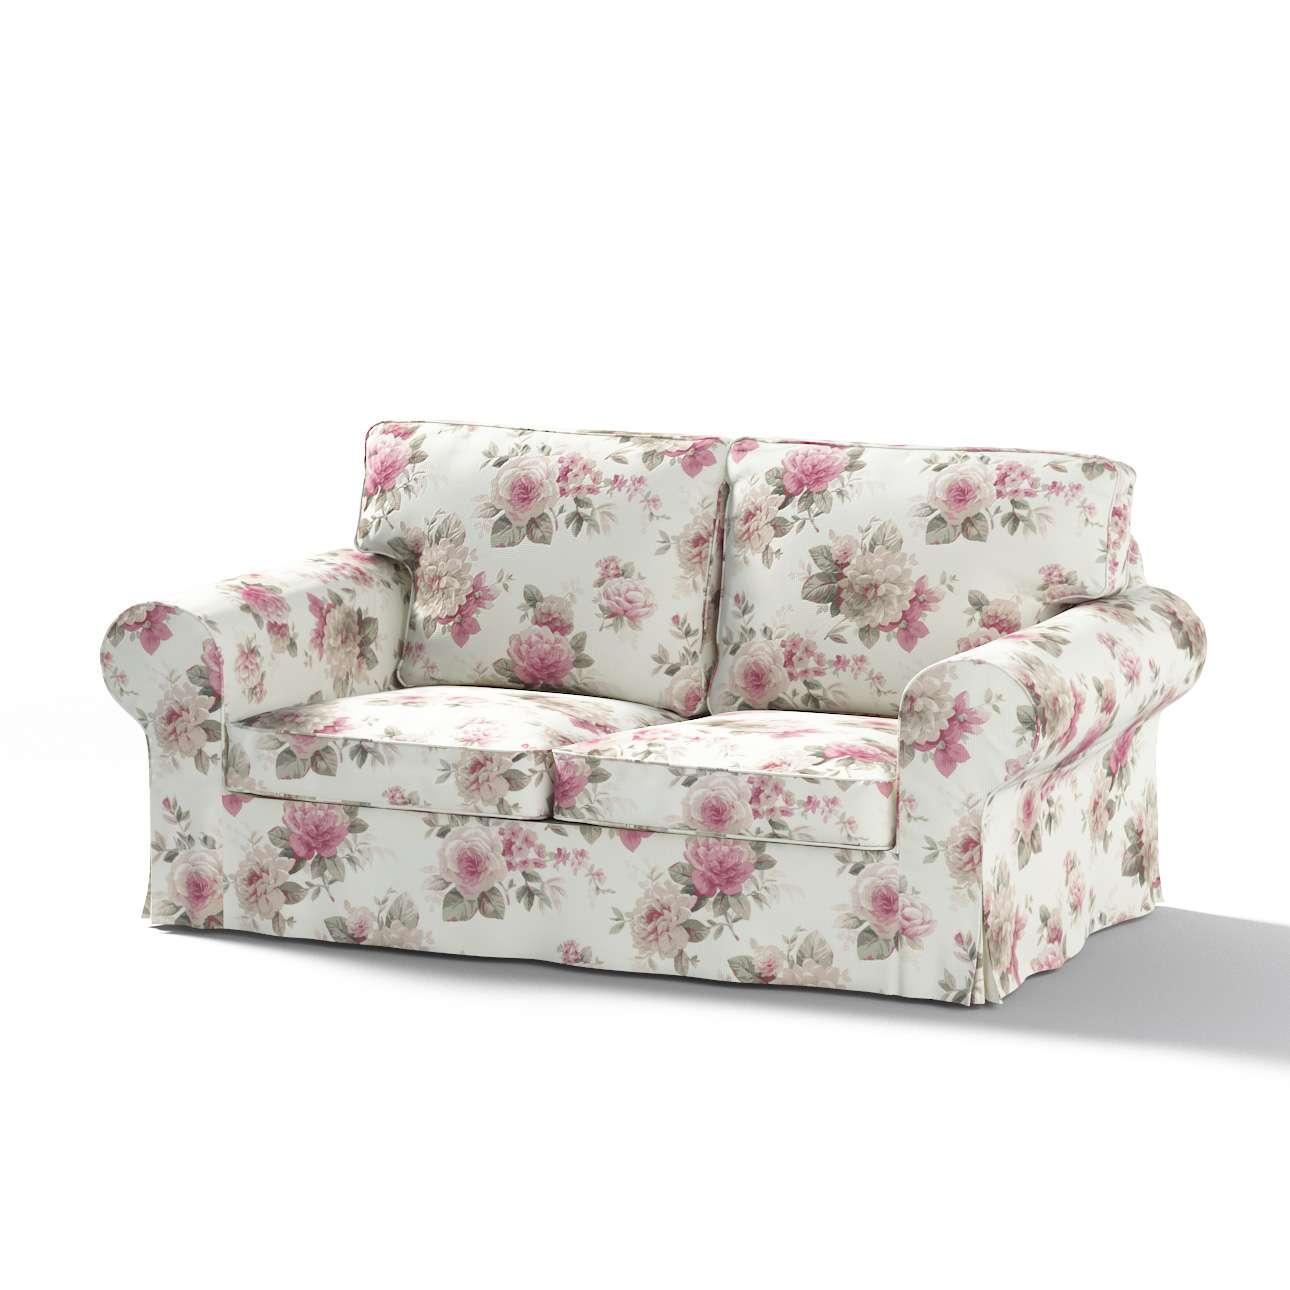 Ektorp 2-Sitzer Schlafsofabezug  NEUES Modell  Sofabezug für  Ektorp 2-Sitzer ausklappbar, neues Modell von der Kollektion Mirella, Stoff: 141-07